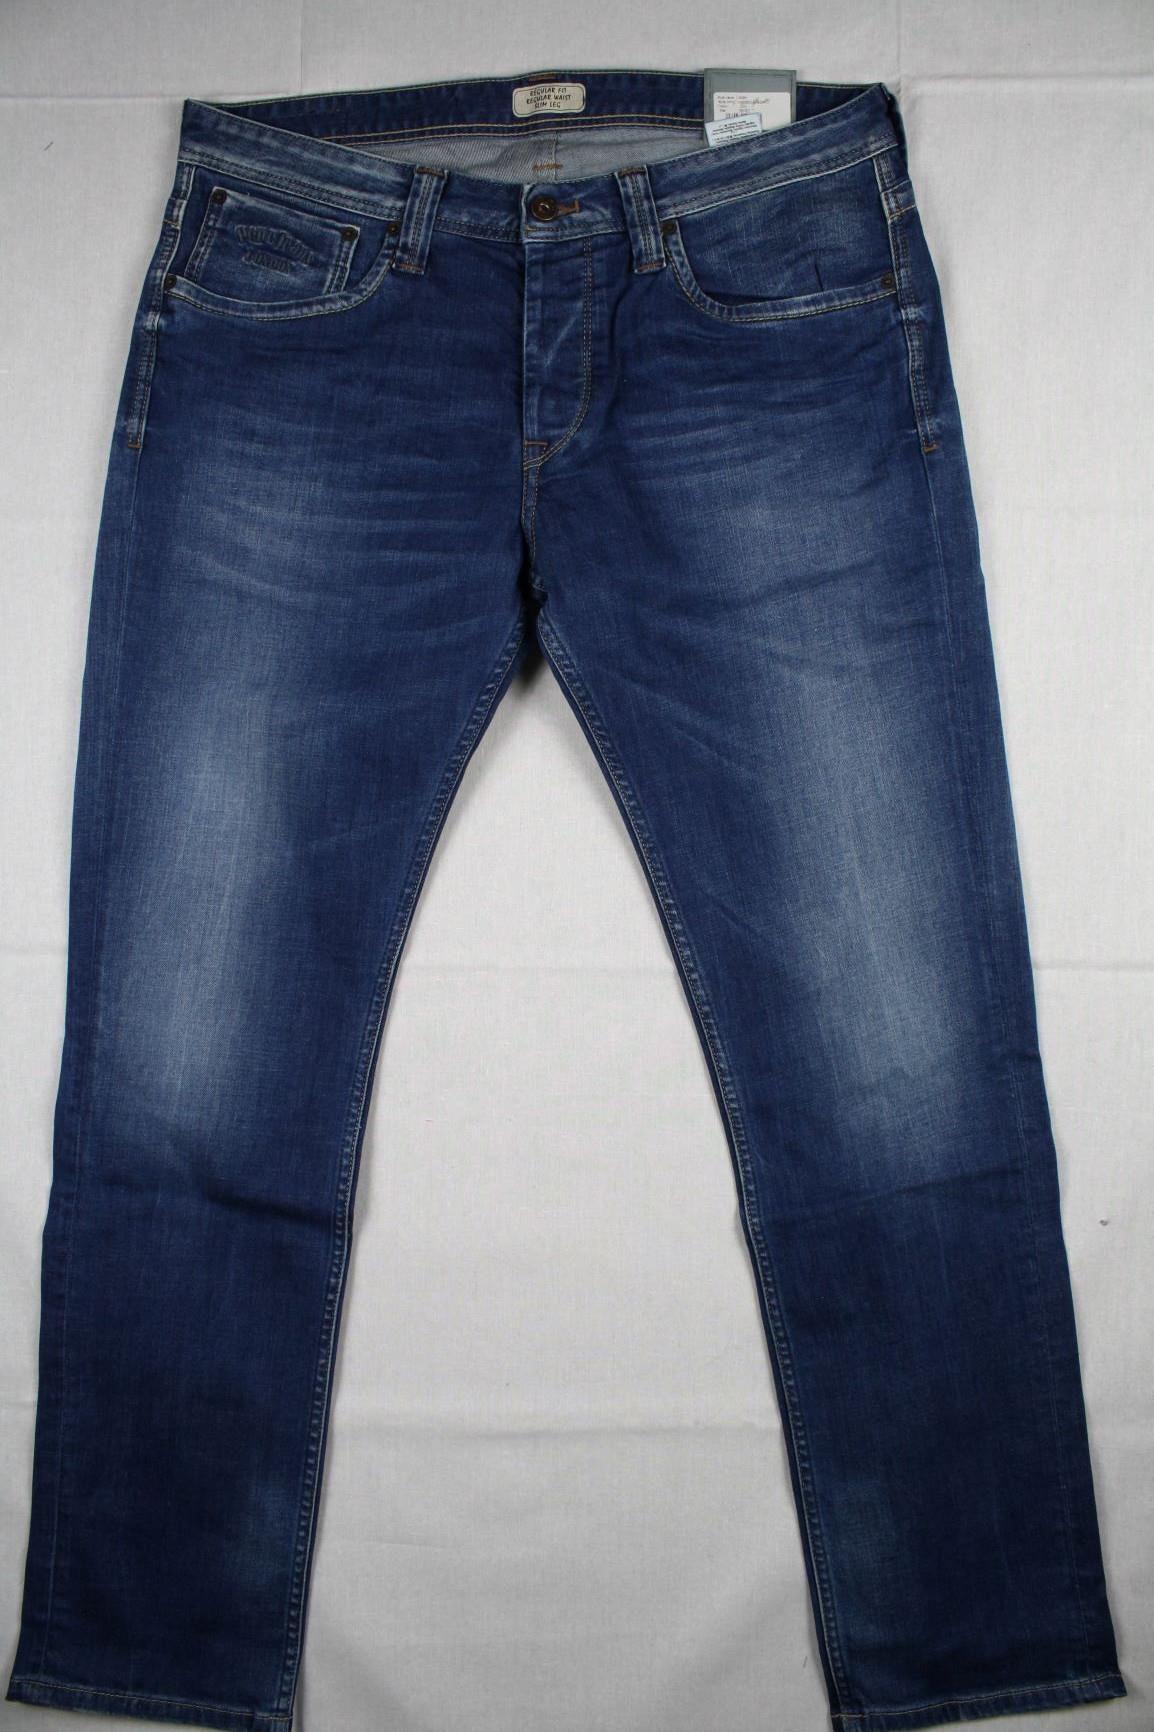 Pepe Jeans Spodnie Jeansowe Rozm. W36 L32